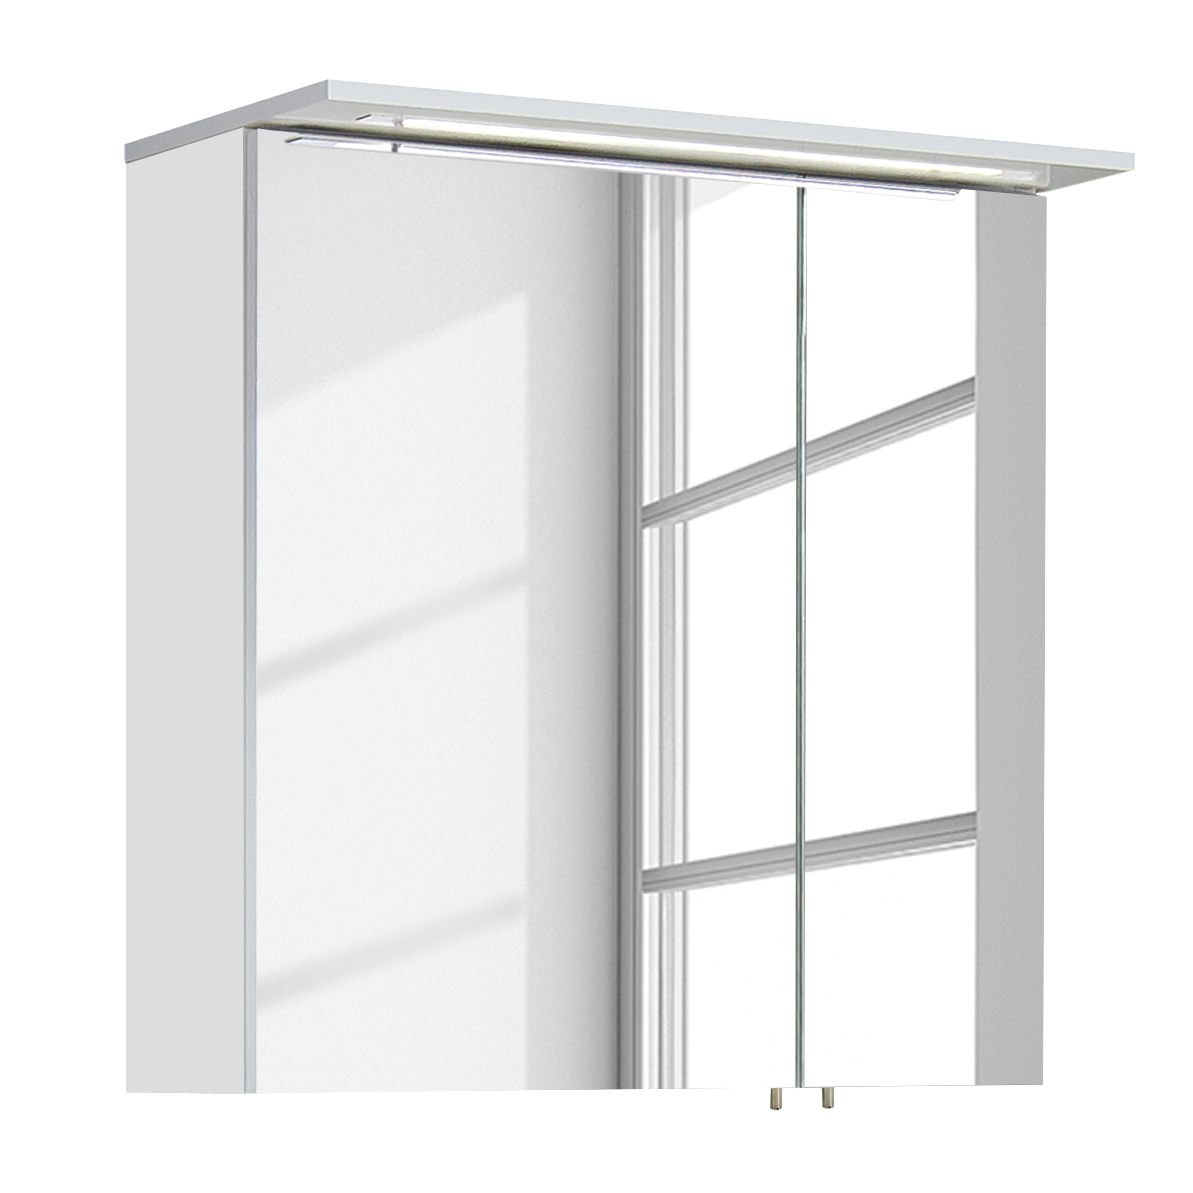 EEK A+, Spiegelschrank Genf II (inkl. Beleuchtung) - Hochglanz Weiß, Schildmeyer